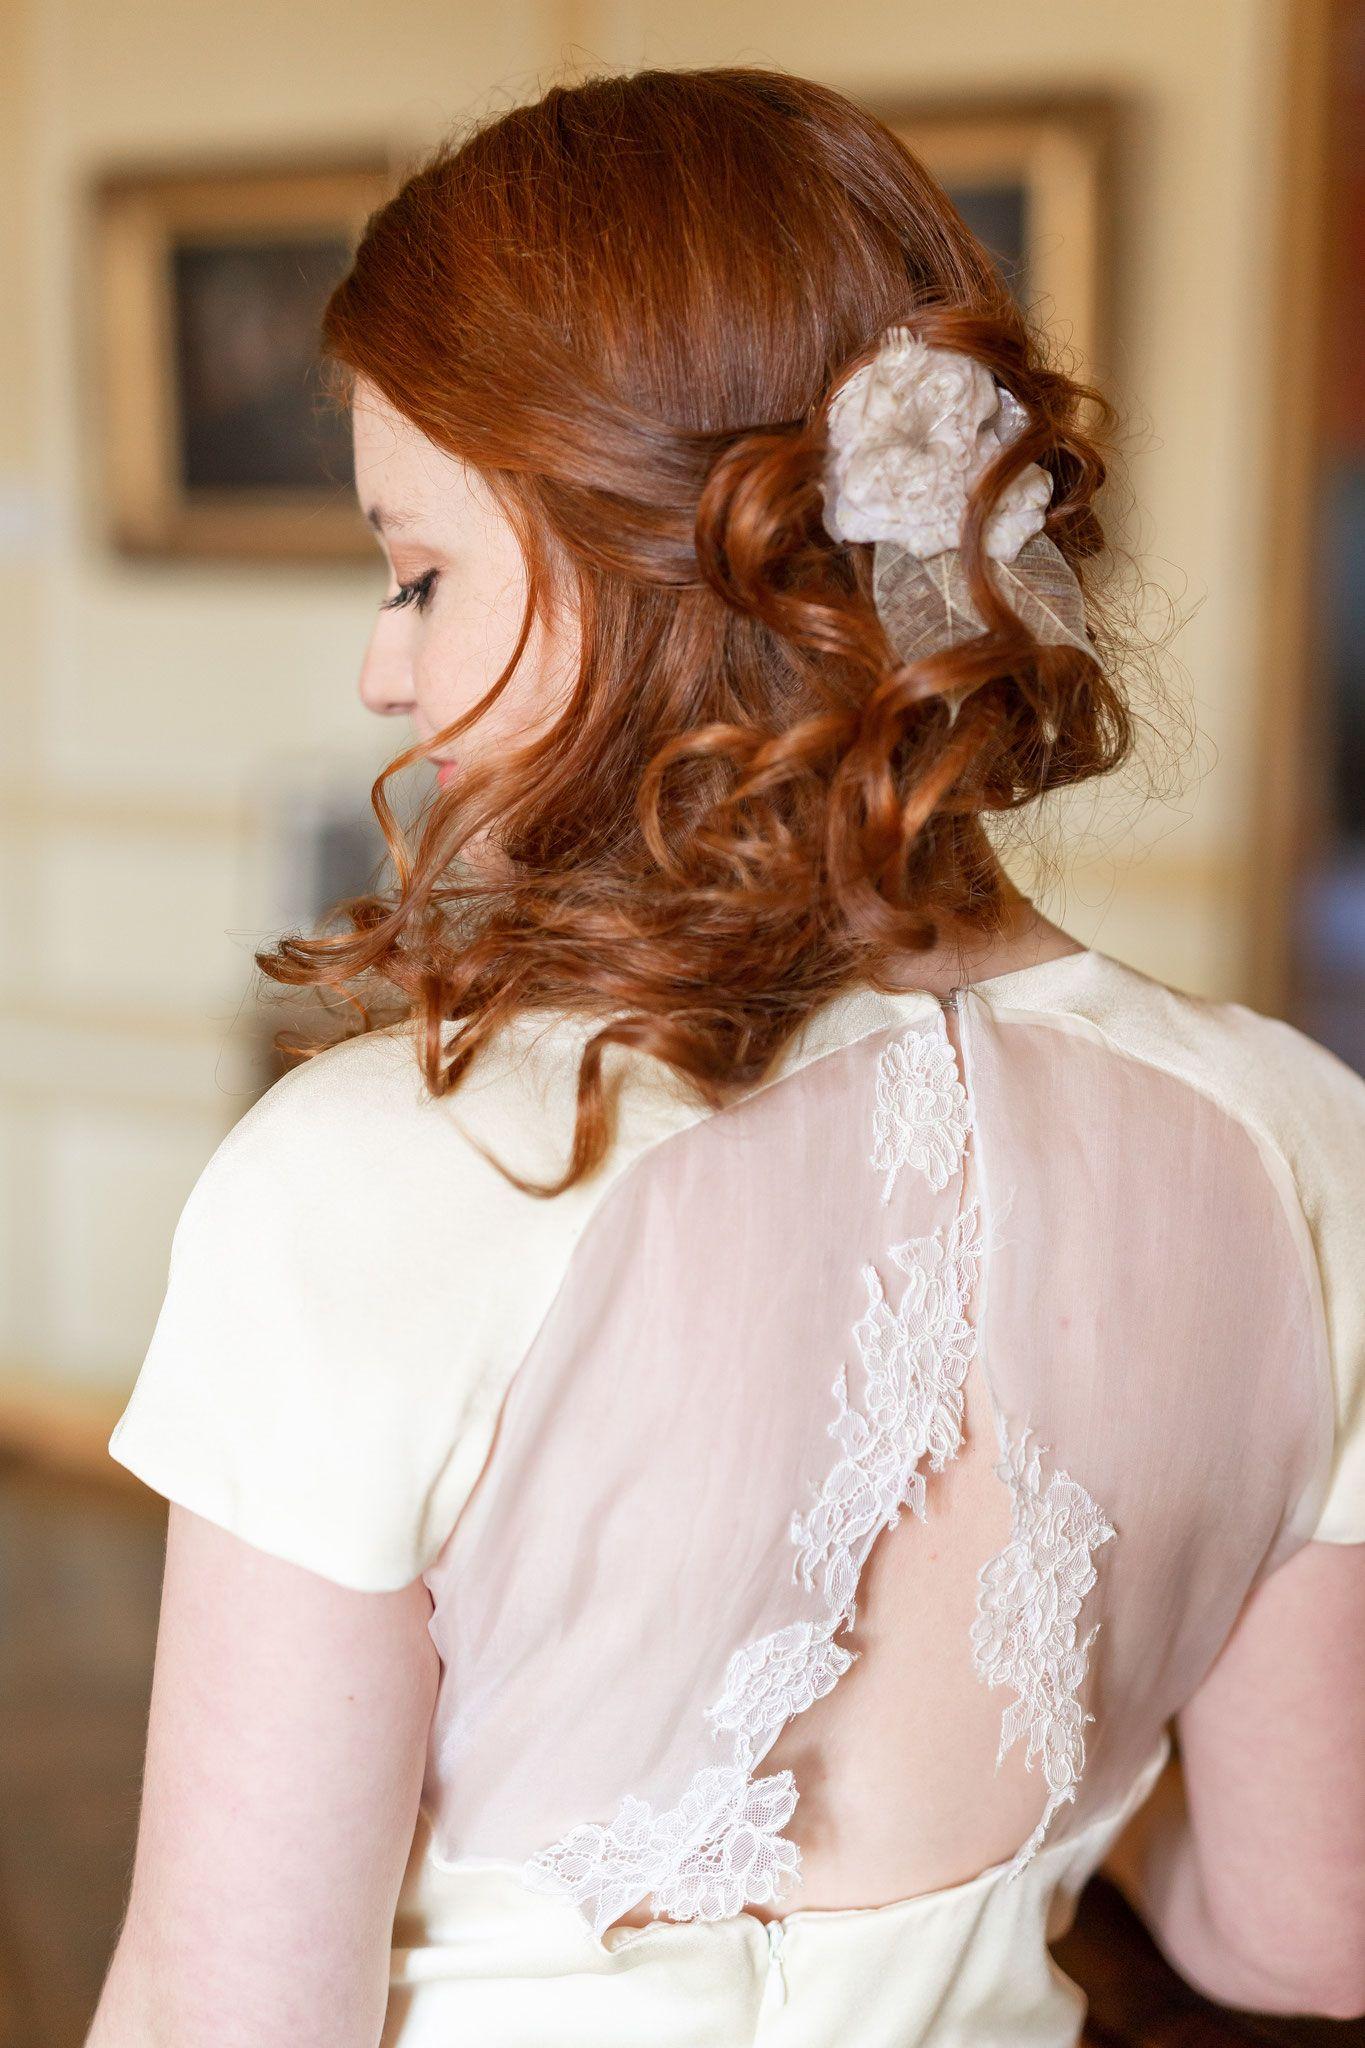 Epingle Par Soline Du Puy Sur Soline Du Puy Les Bijoux De Tete Robe De Bouquetiere Mariage Princesse Coiffure Avec Headband